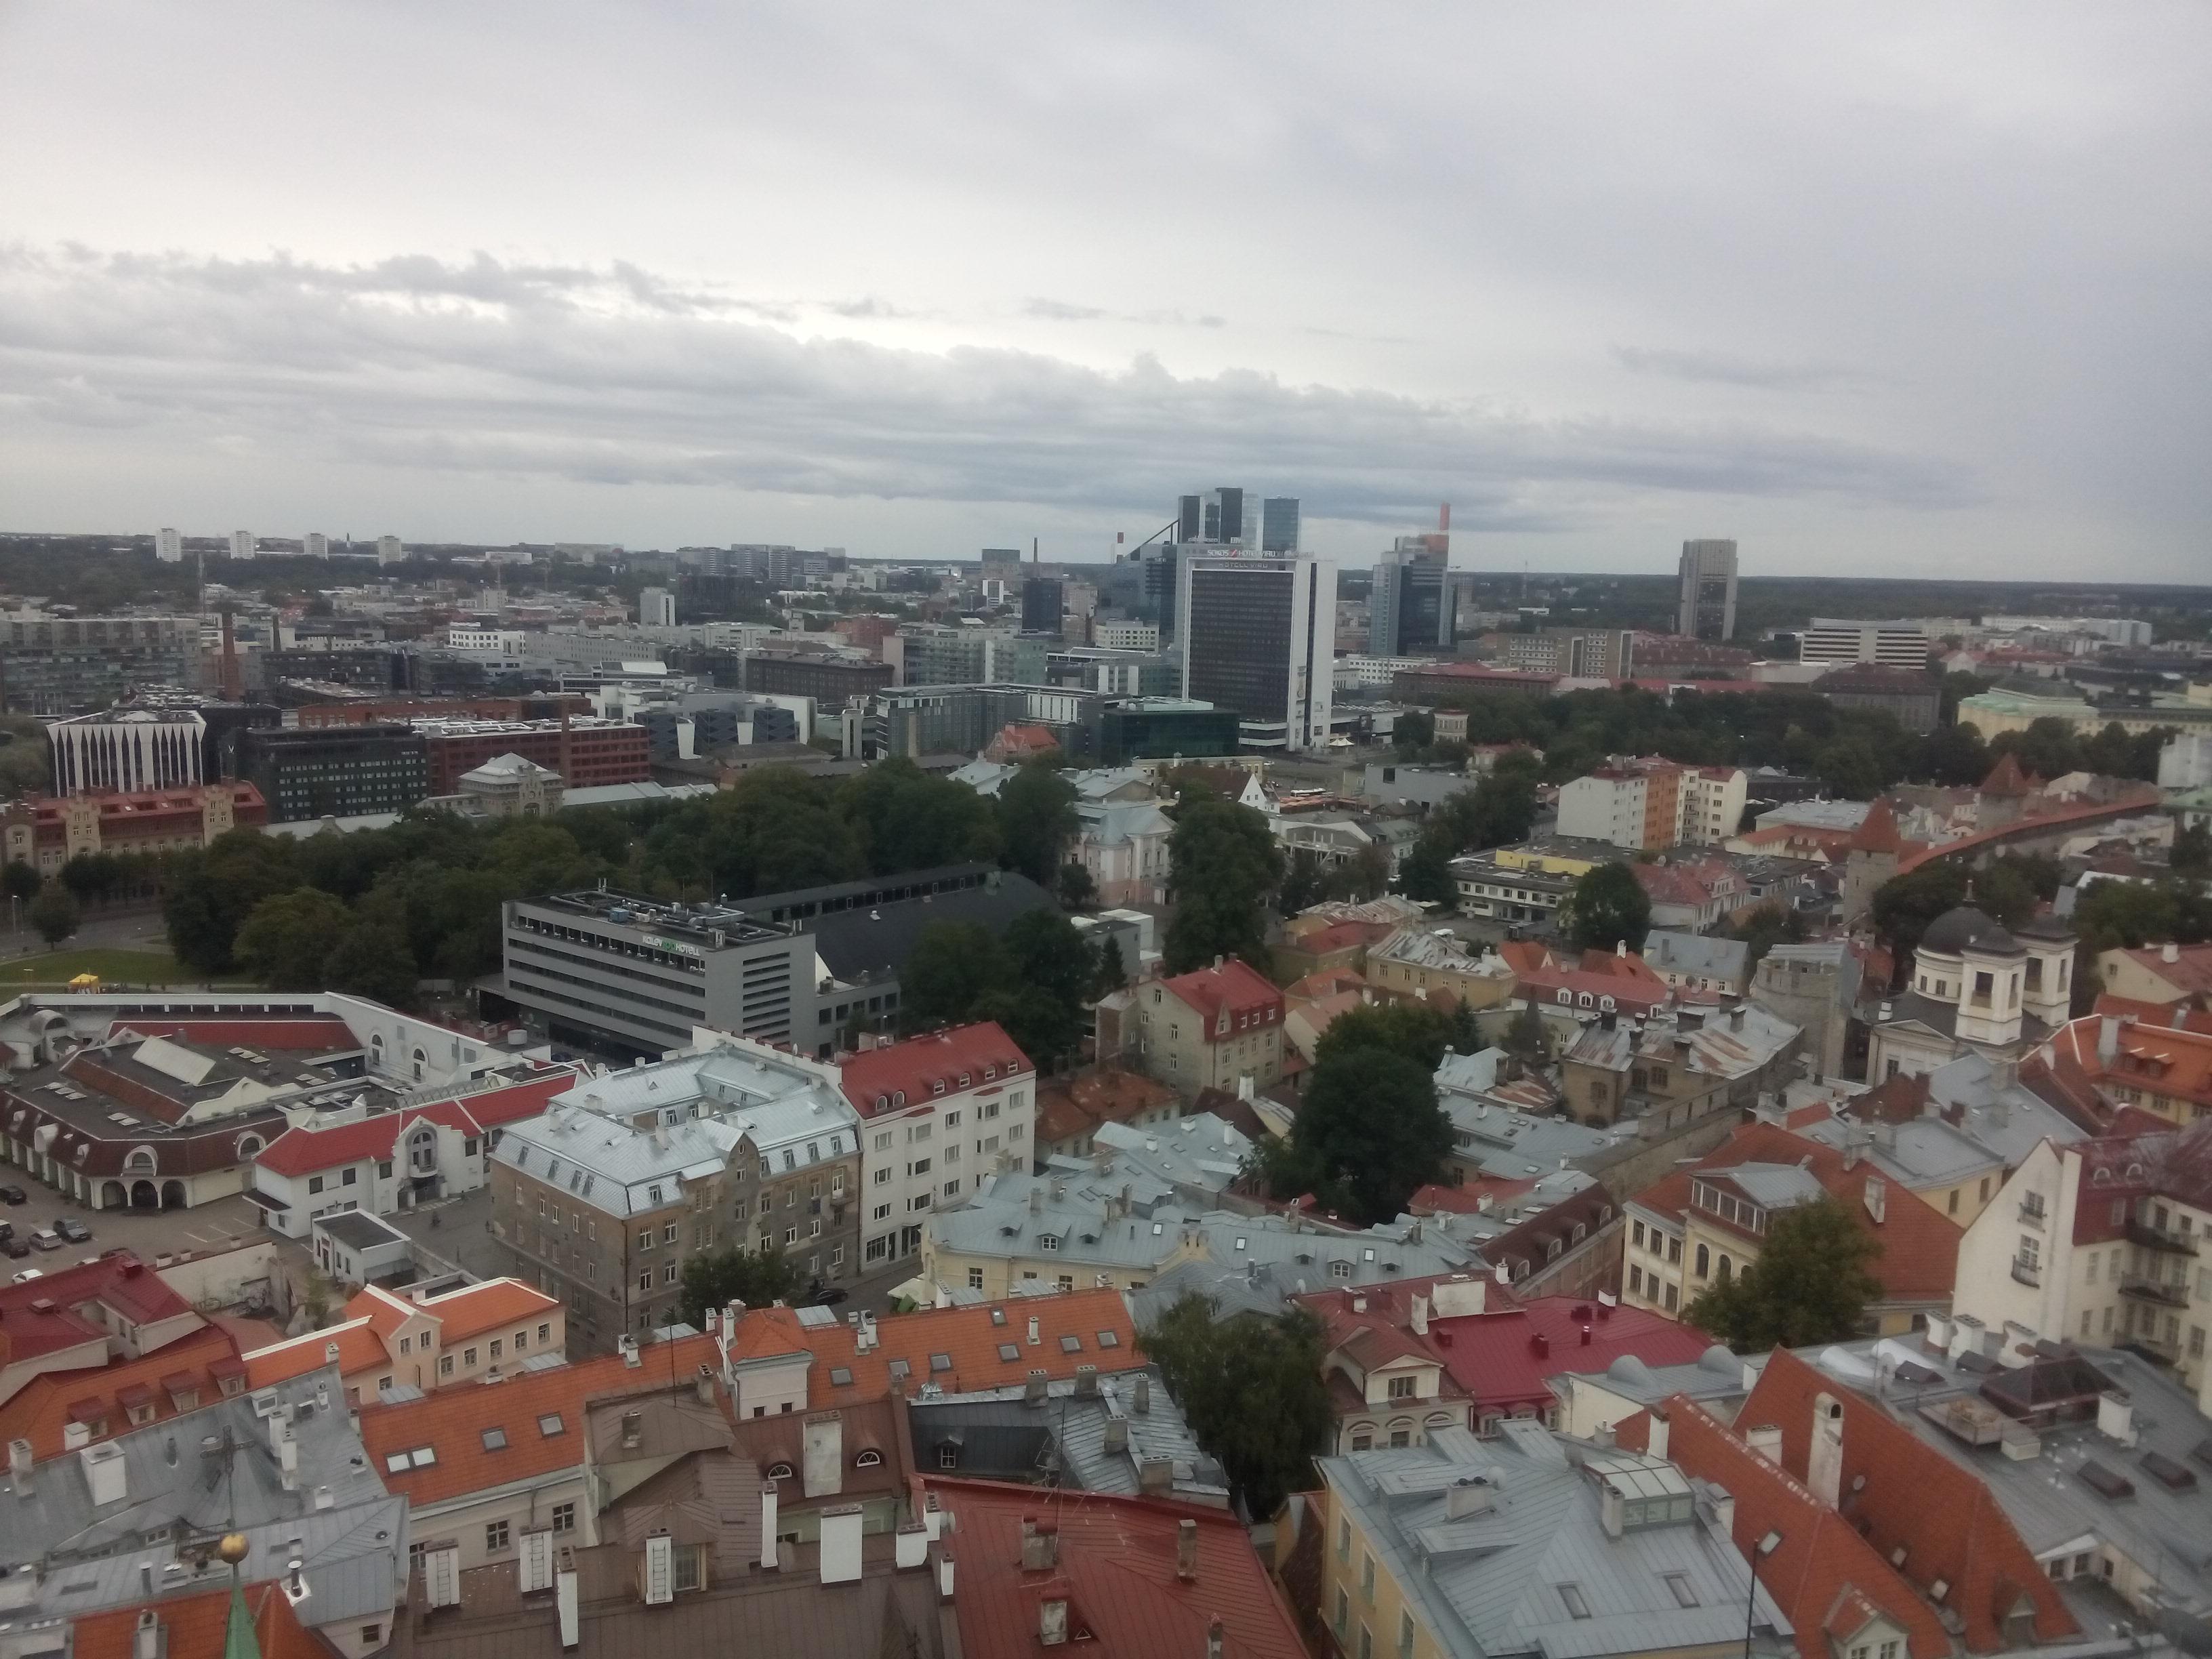 https://i.amy.gy/201808-estonia/IMG_20180825_173010.jpg